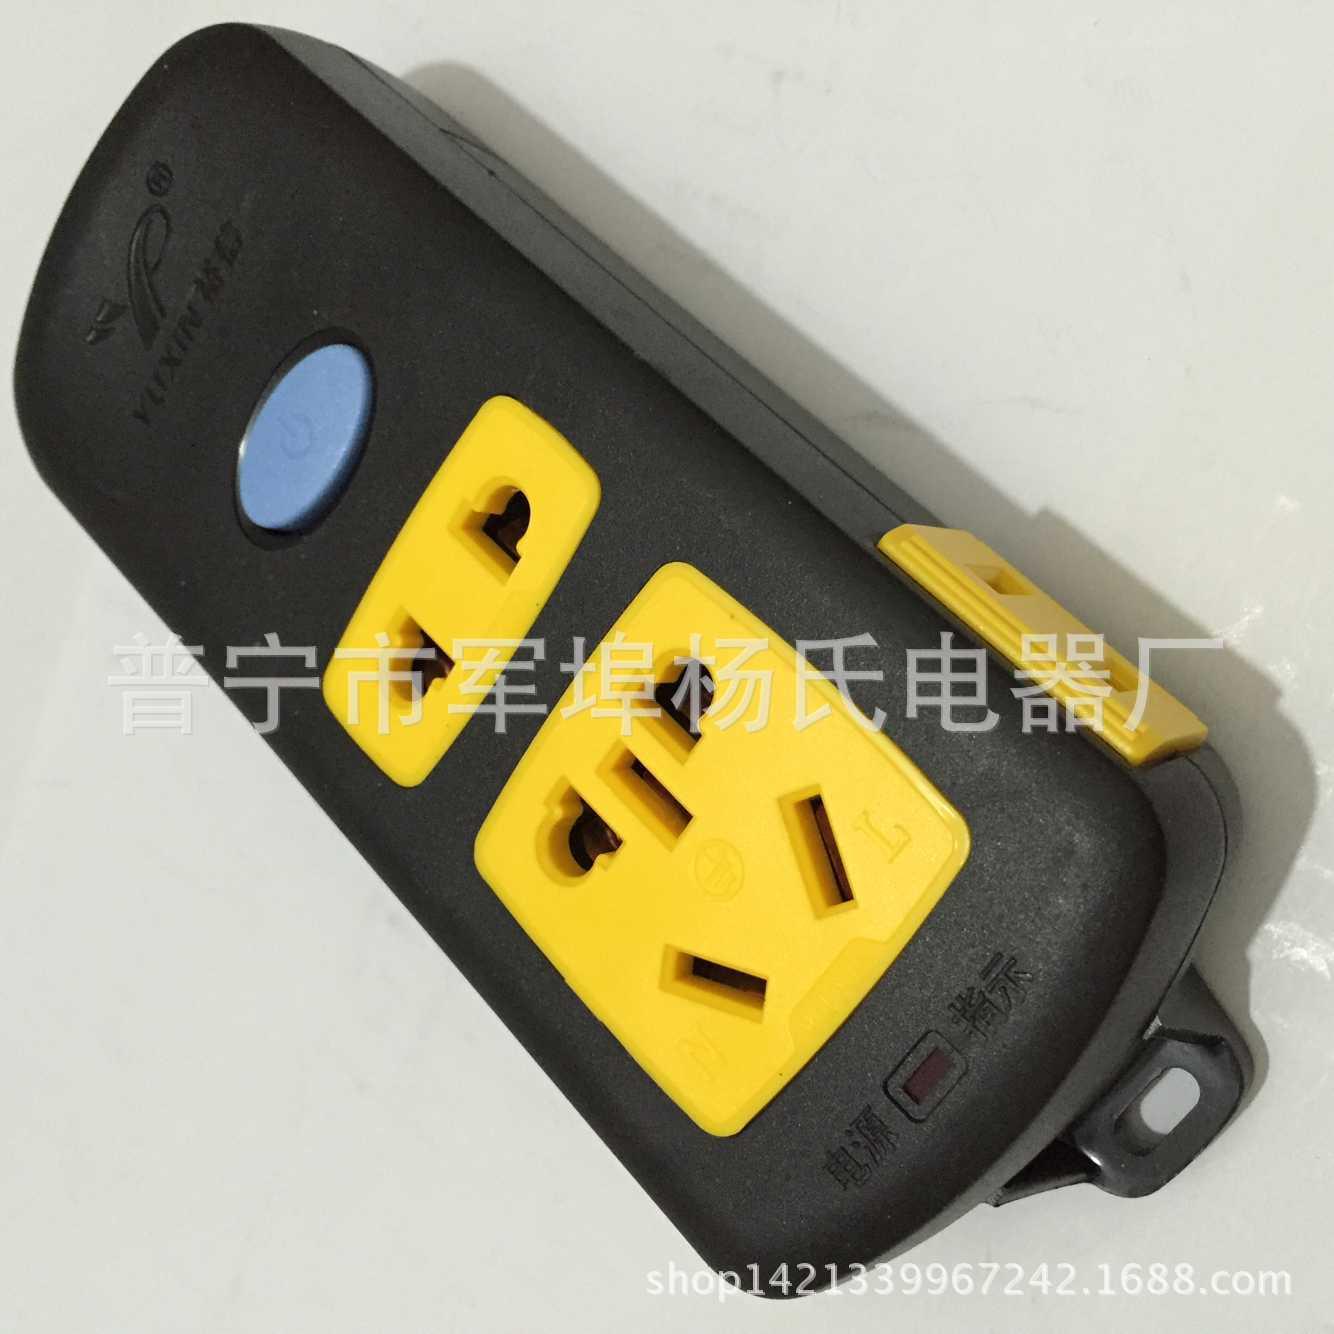 裕信YX-372国标带灯移动式地拖插座带开关地线16A无线插板